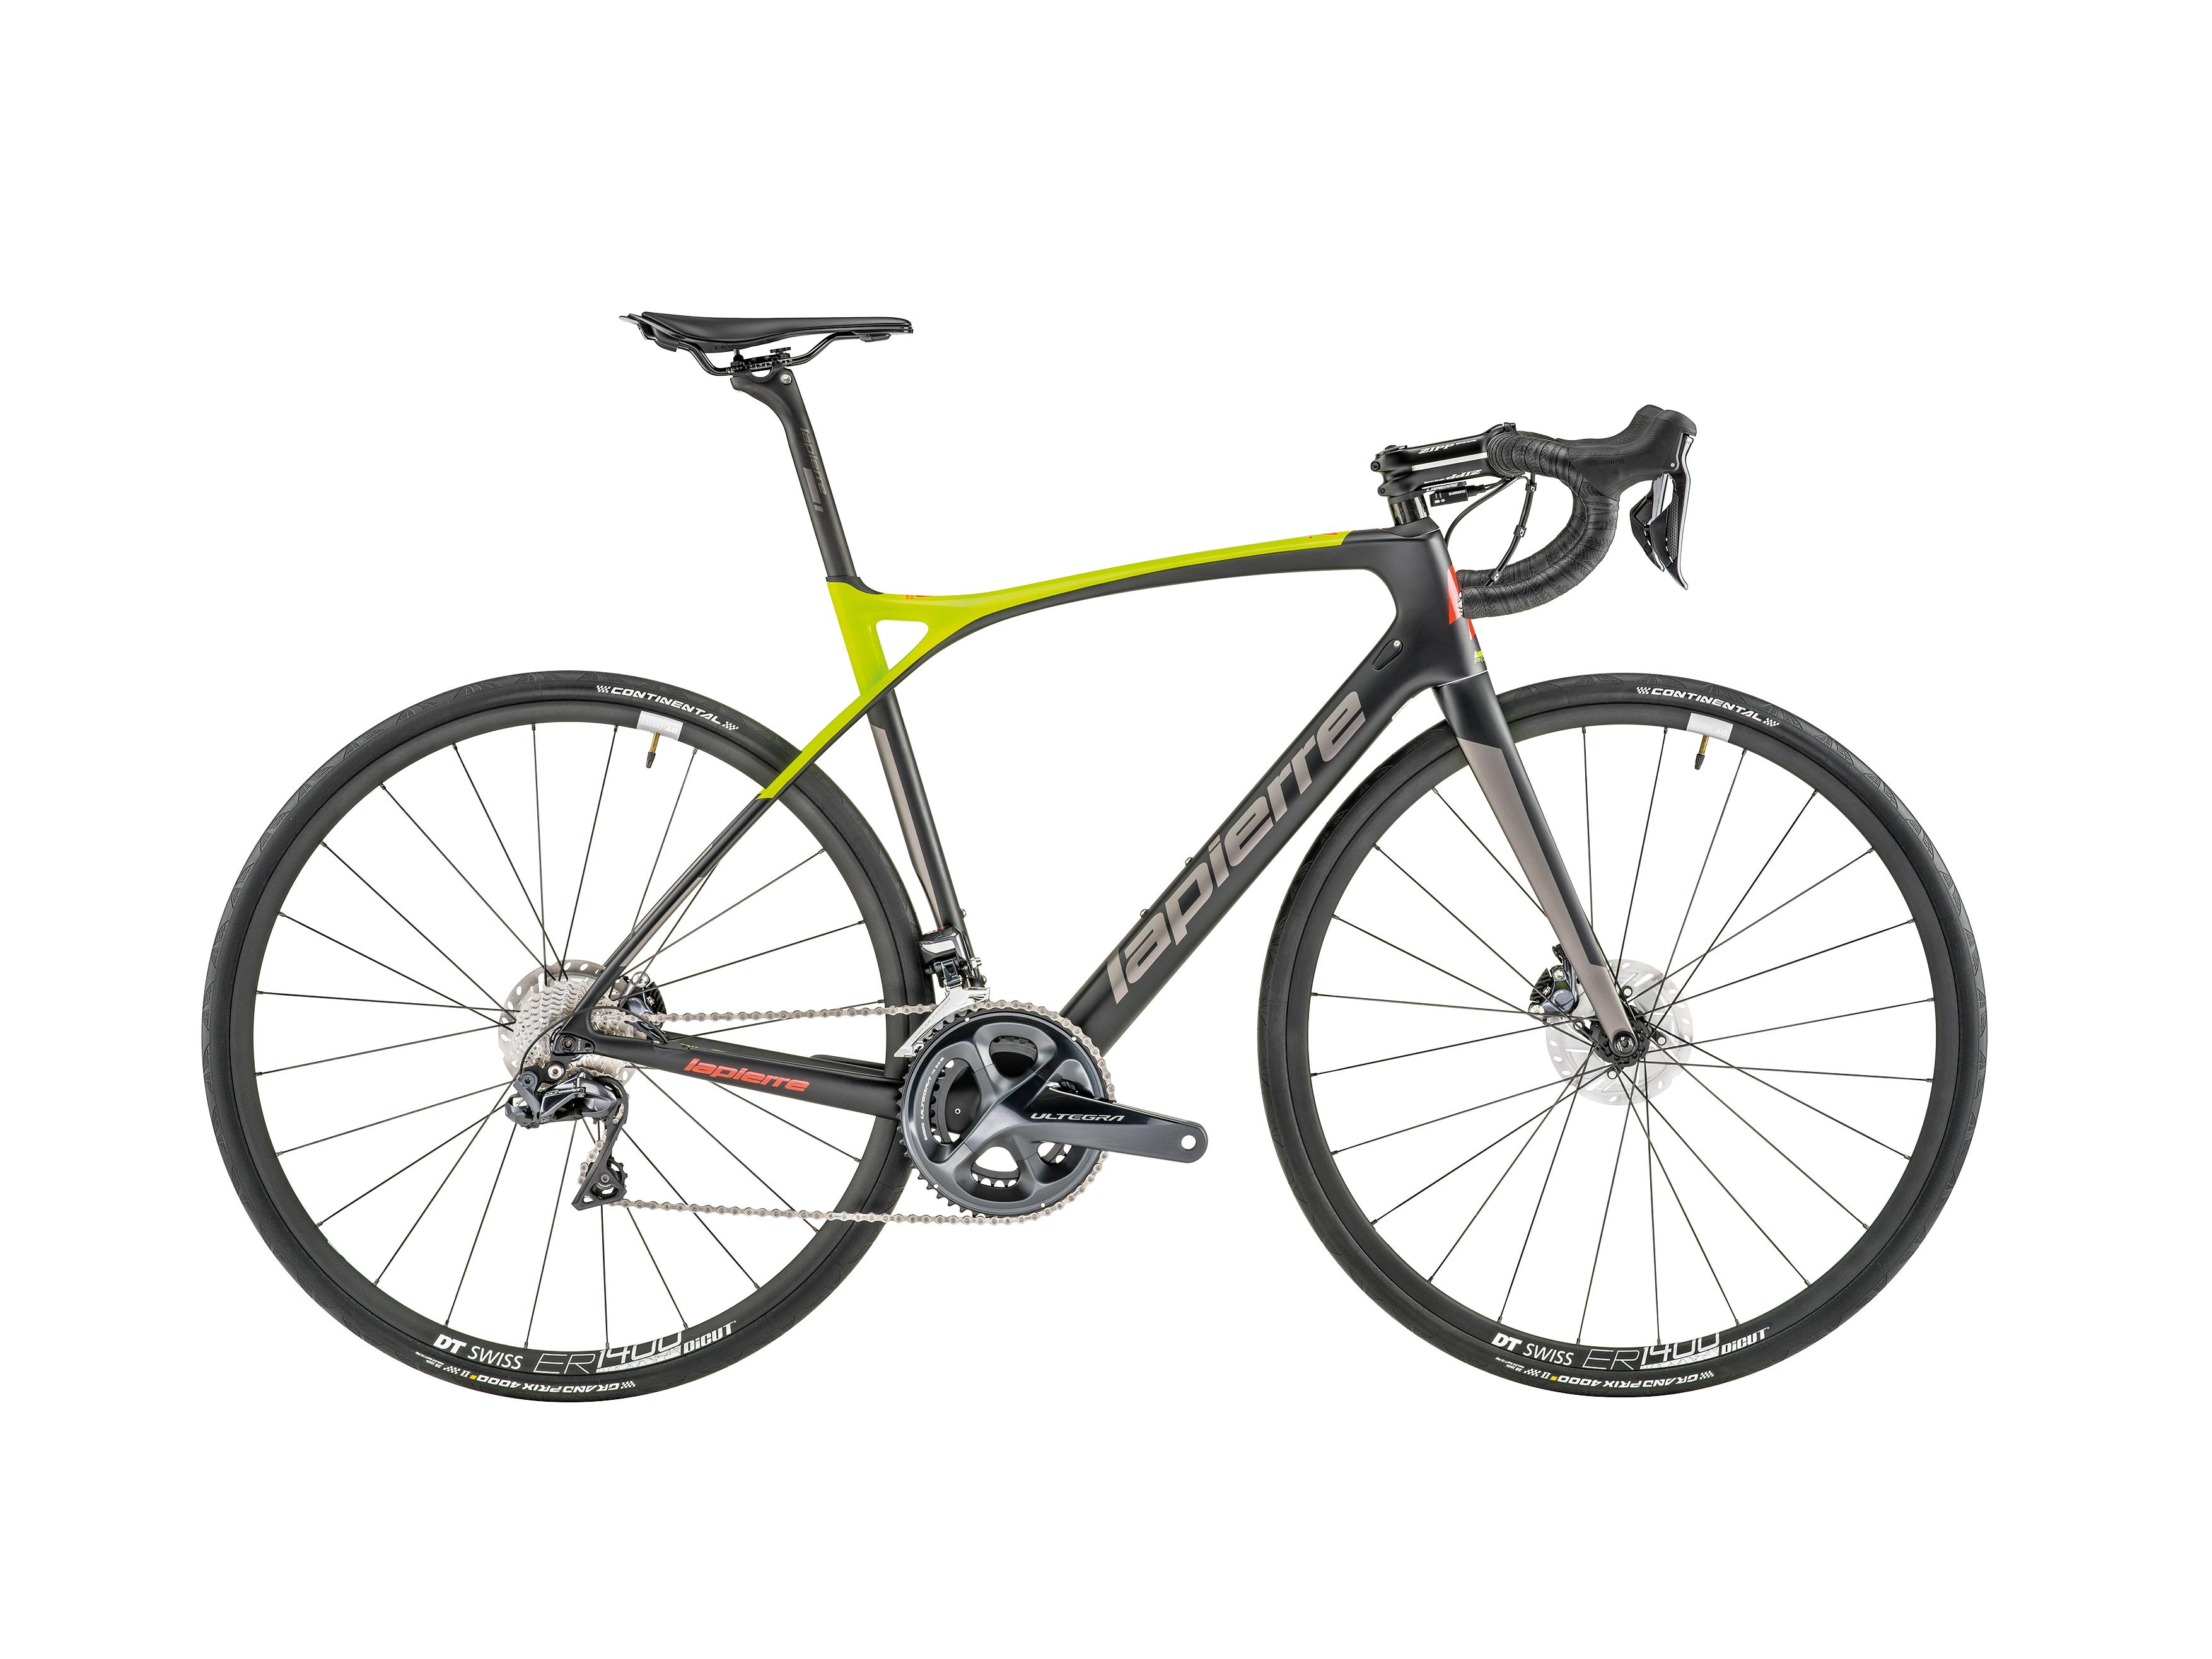 Bicykel LAPIERRE XELIUS SL2 700 DISC 2019